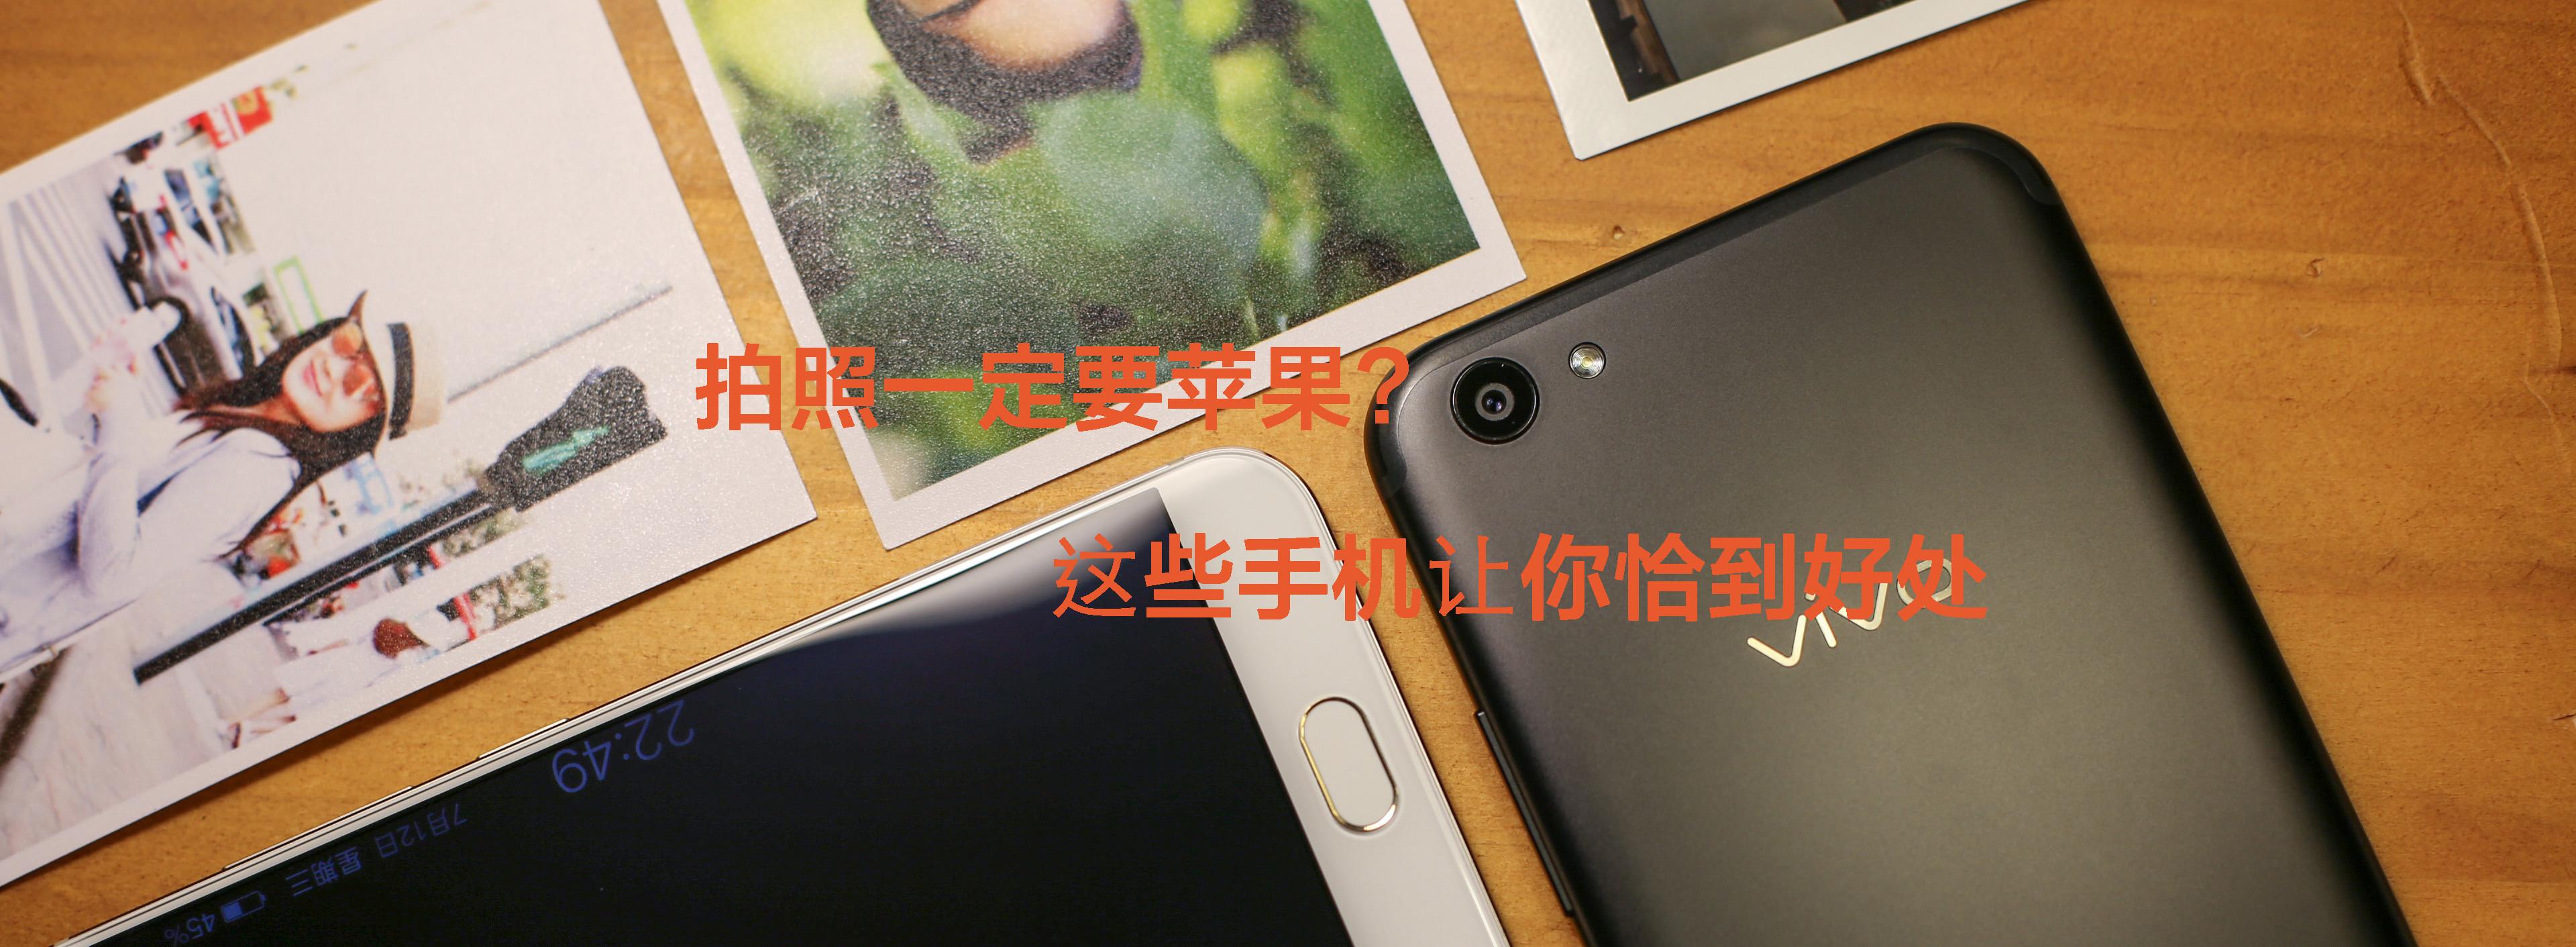 拍照一定要苹果?这些手机让你恰到好处